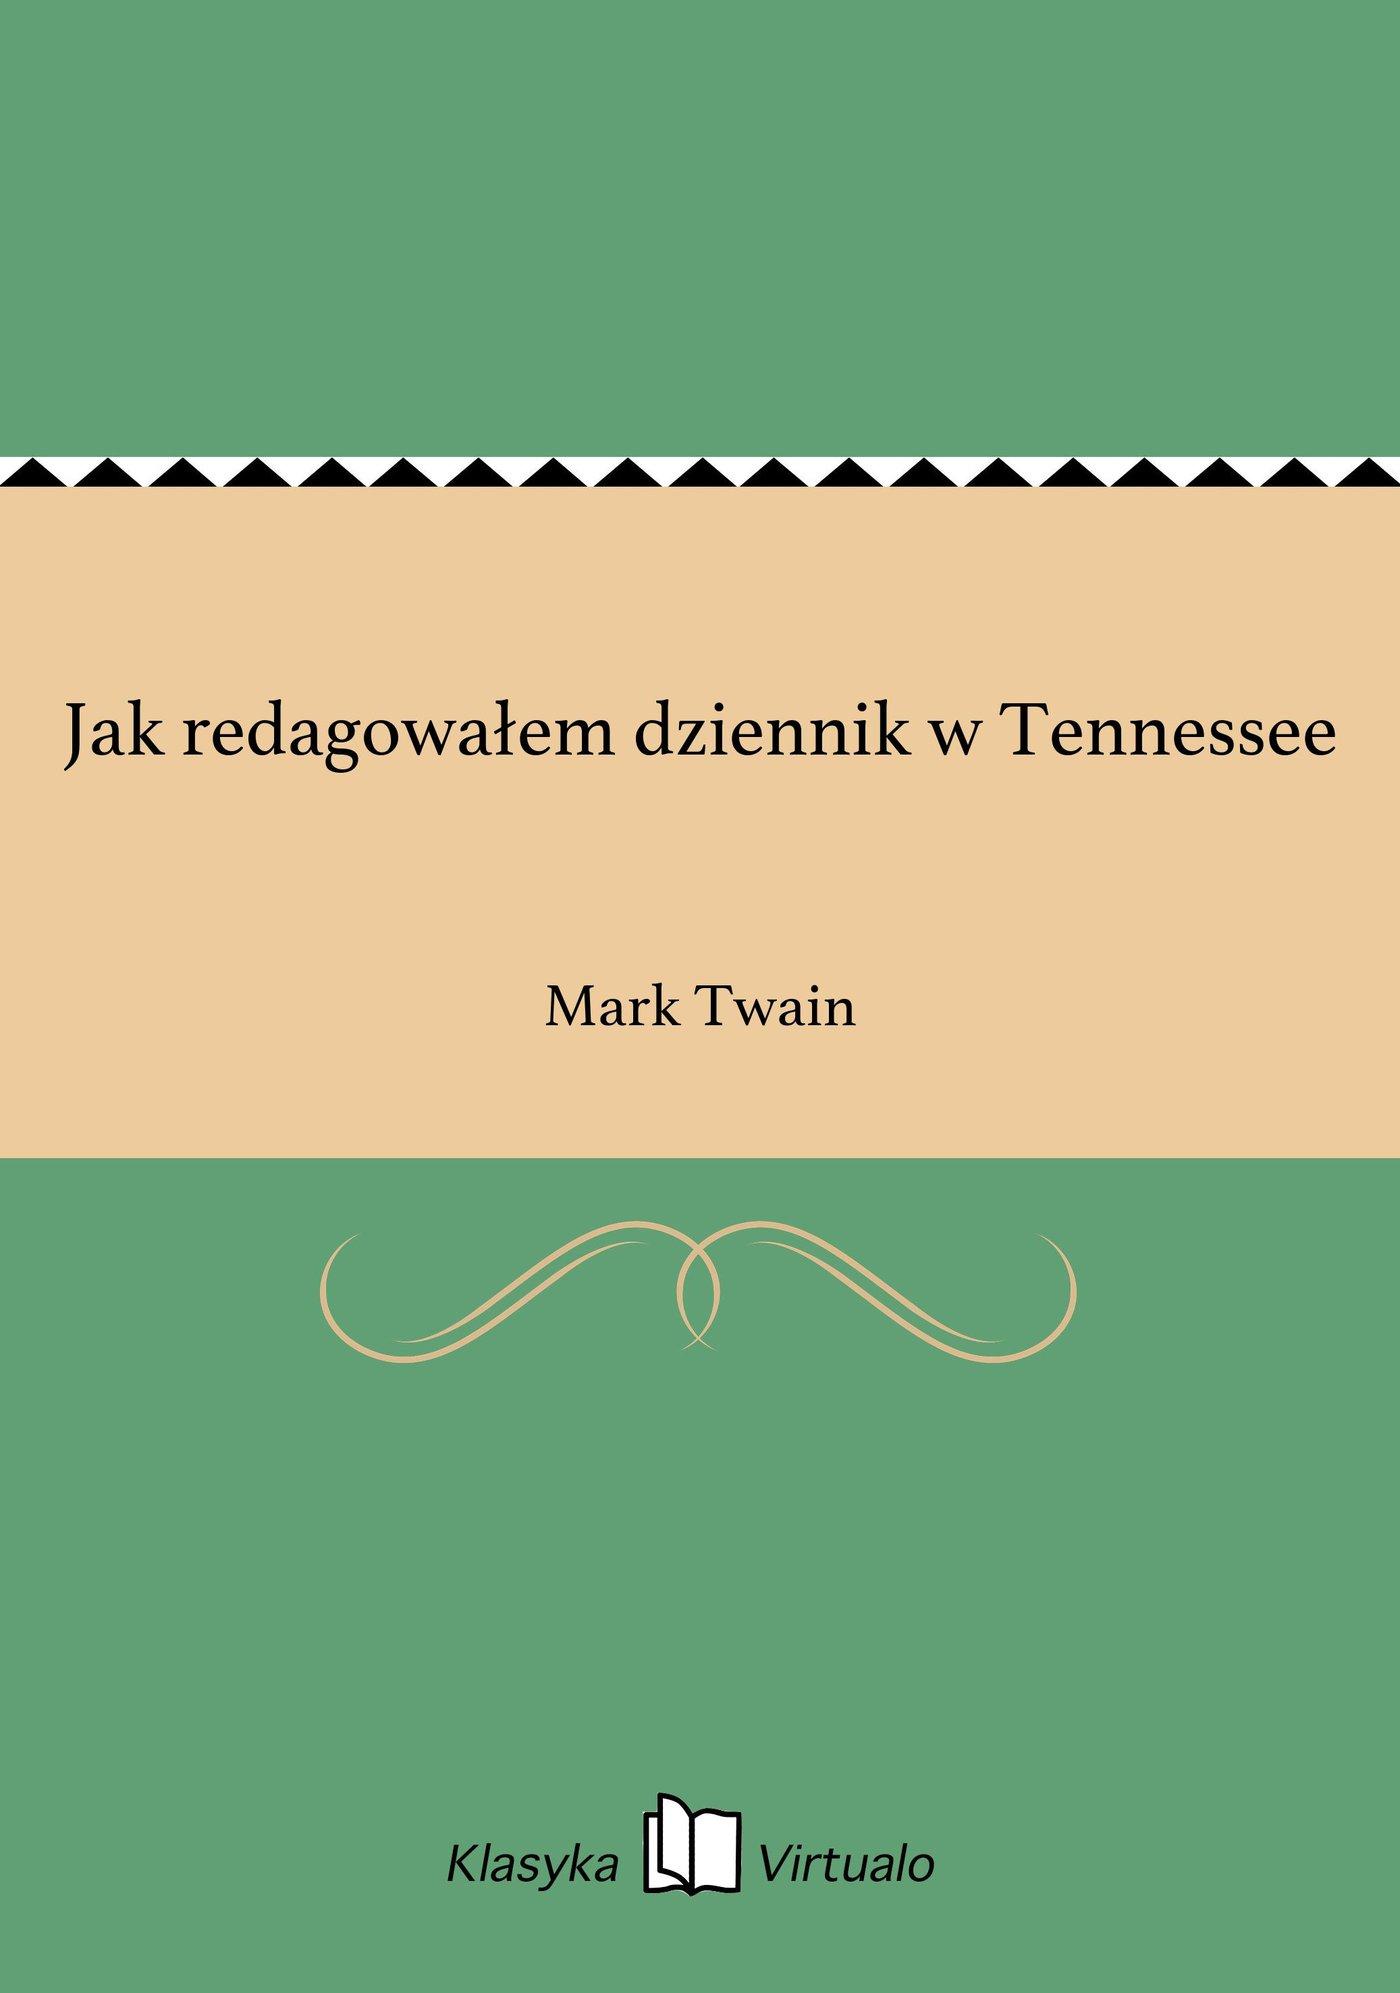 Jak redagowałem dziennik w Tennessee - Ebook (Książka EPUB) do pobrania w formacie EPUB